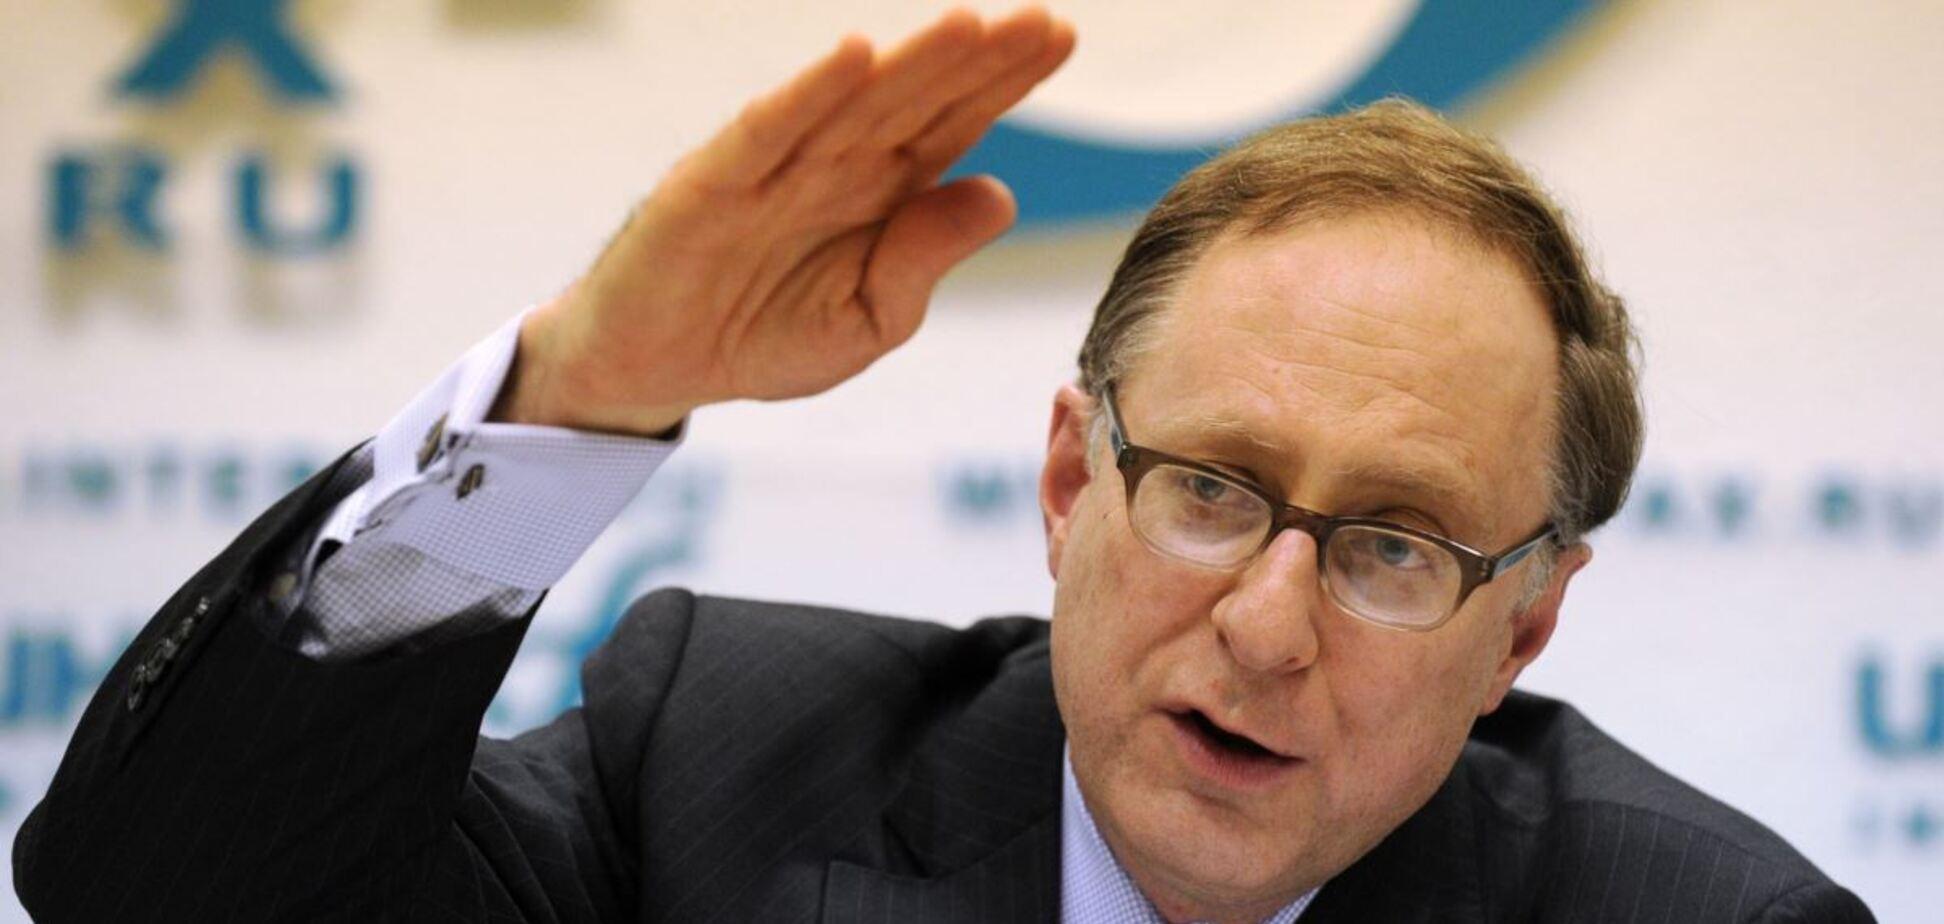 Александр Вершбоу закликав НАТО переглянути стратегію щодо Росії